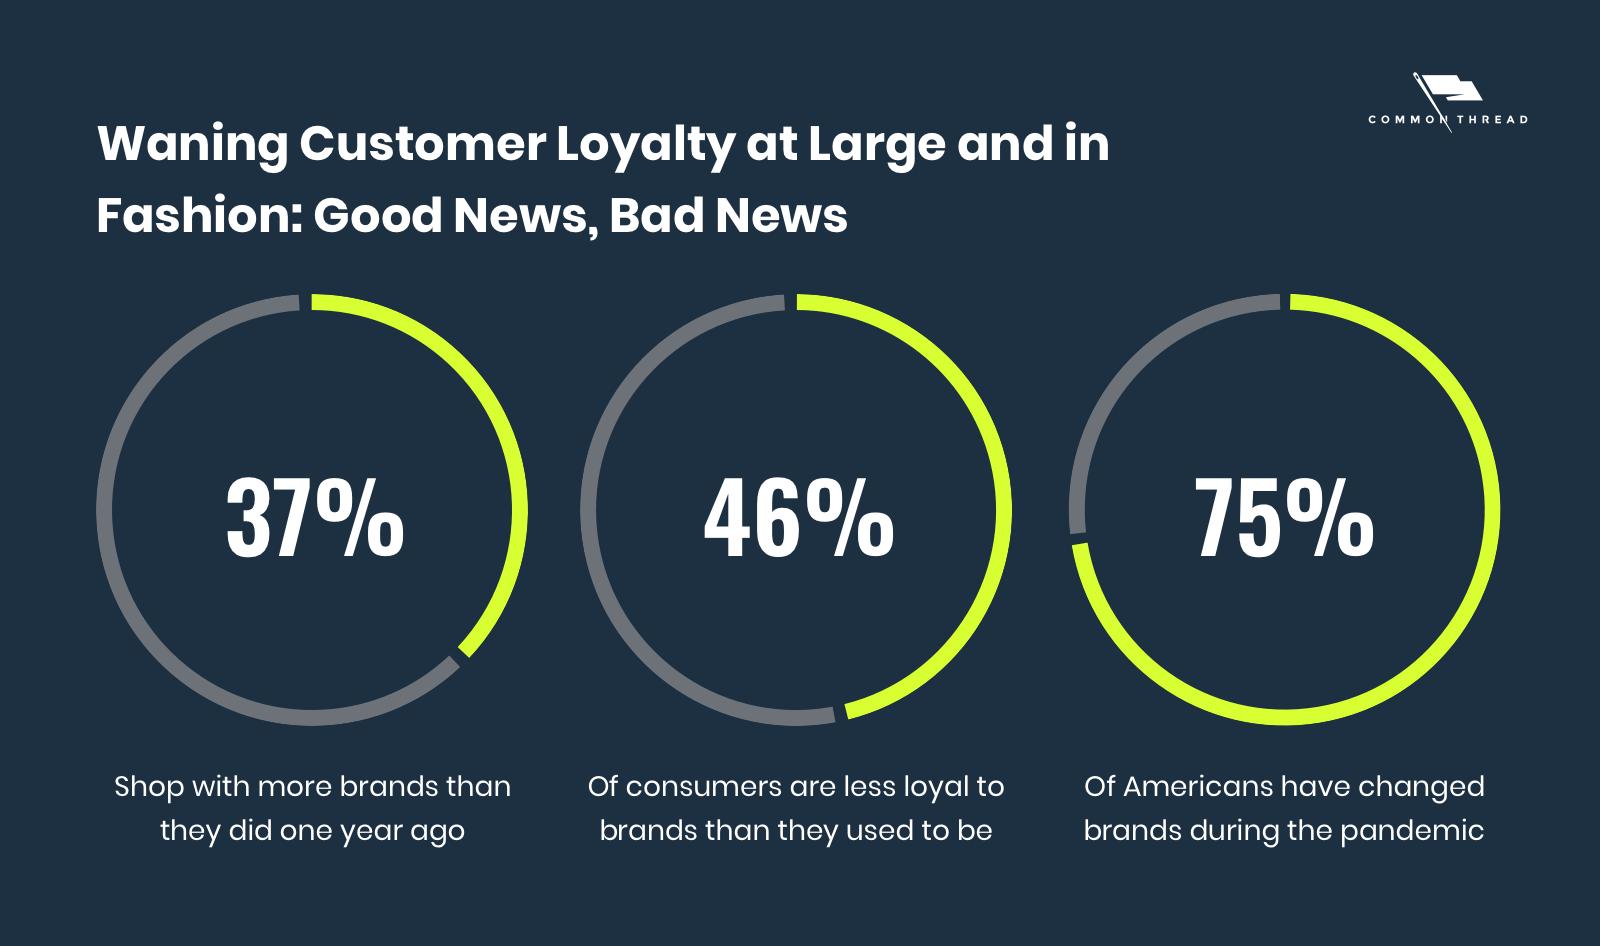 Waning Customer Loyalty at Large and in Fashion: Good News, Bad News